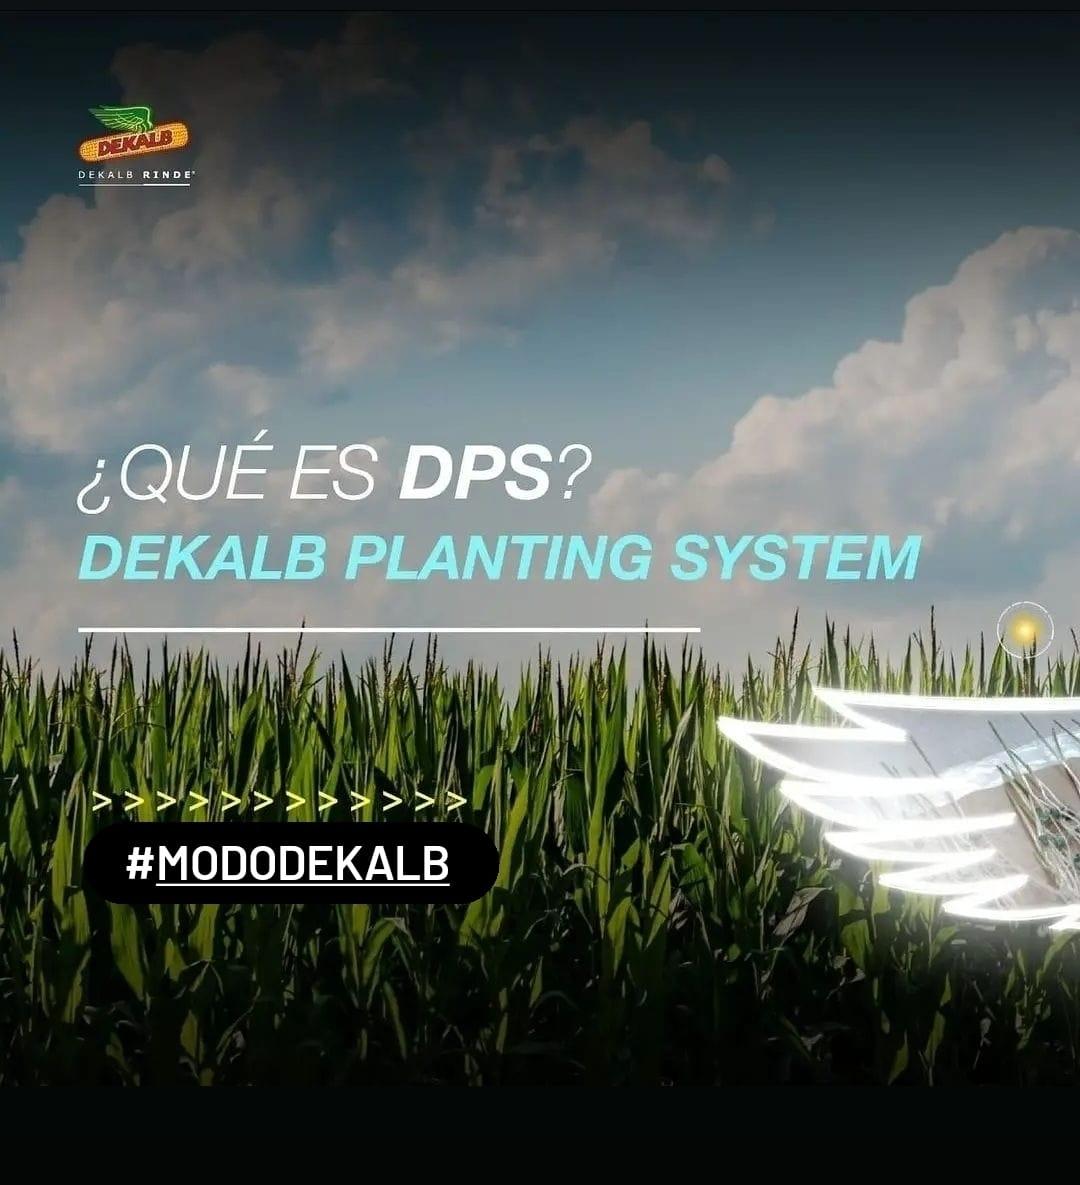 ¿Qué es DPS?